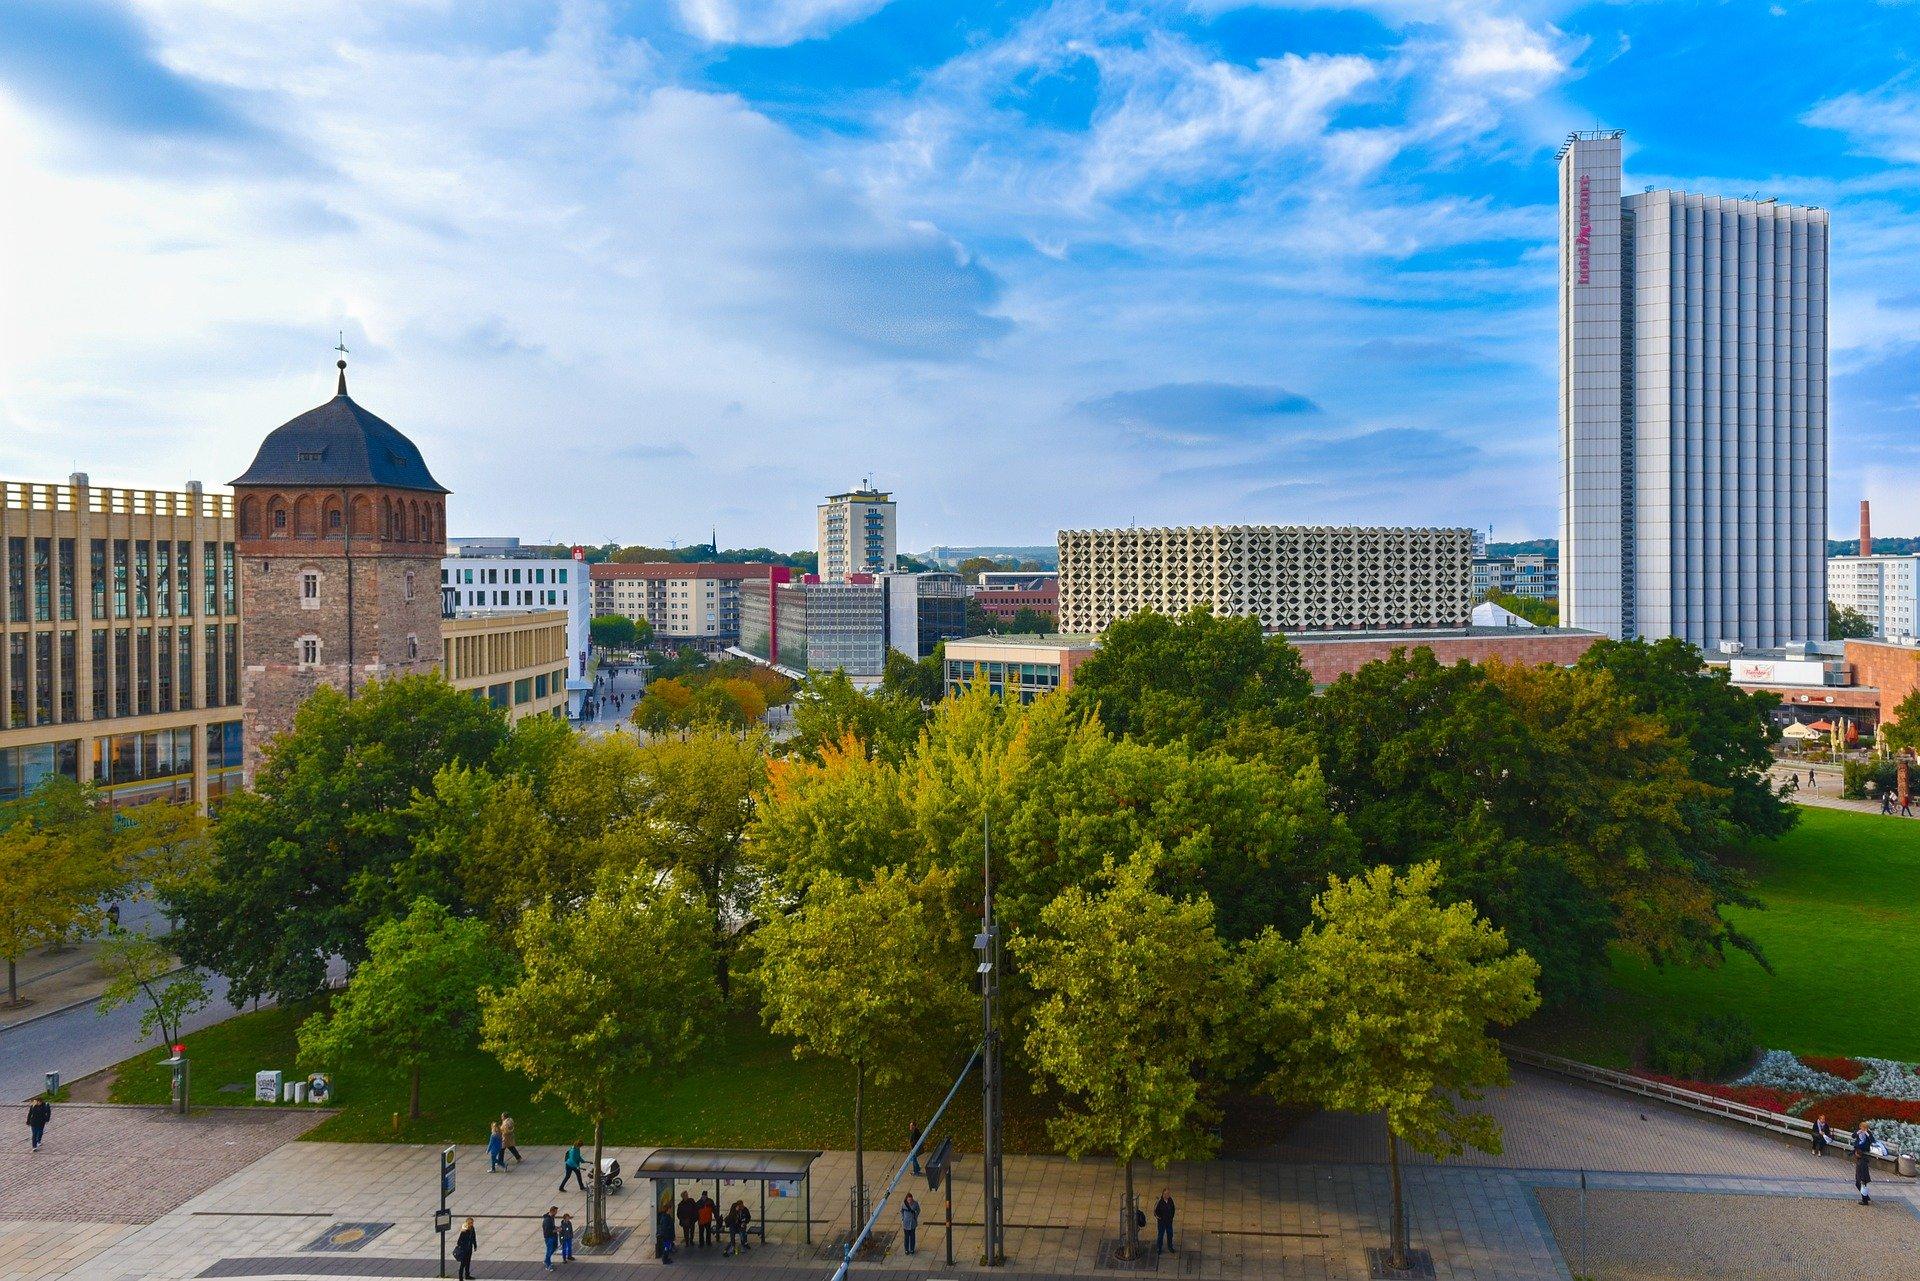 Öffentlich geförderte Wohnungen: DIe Wohnungsbörse in Chemnitz mit einer großen Auswahl an Mietwohnungen